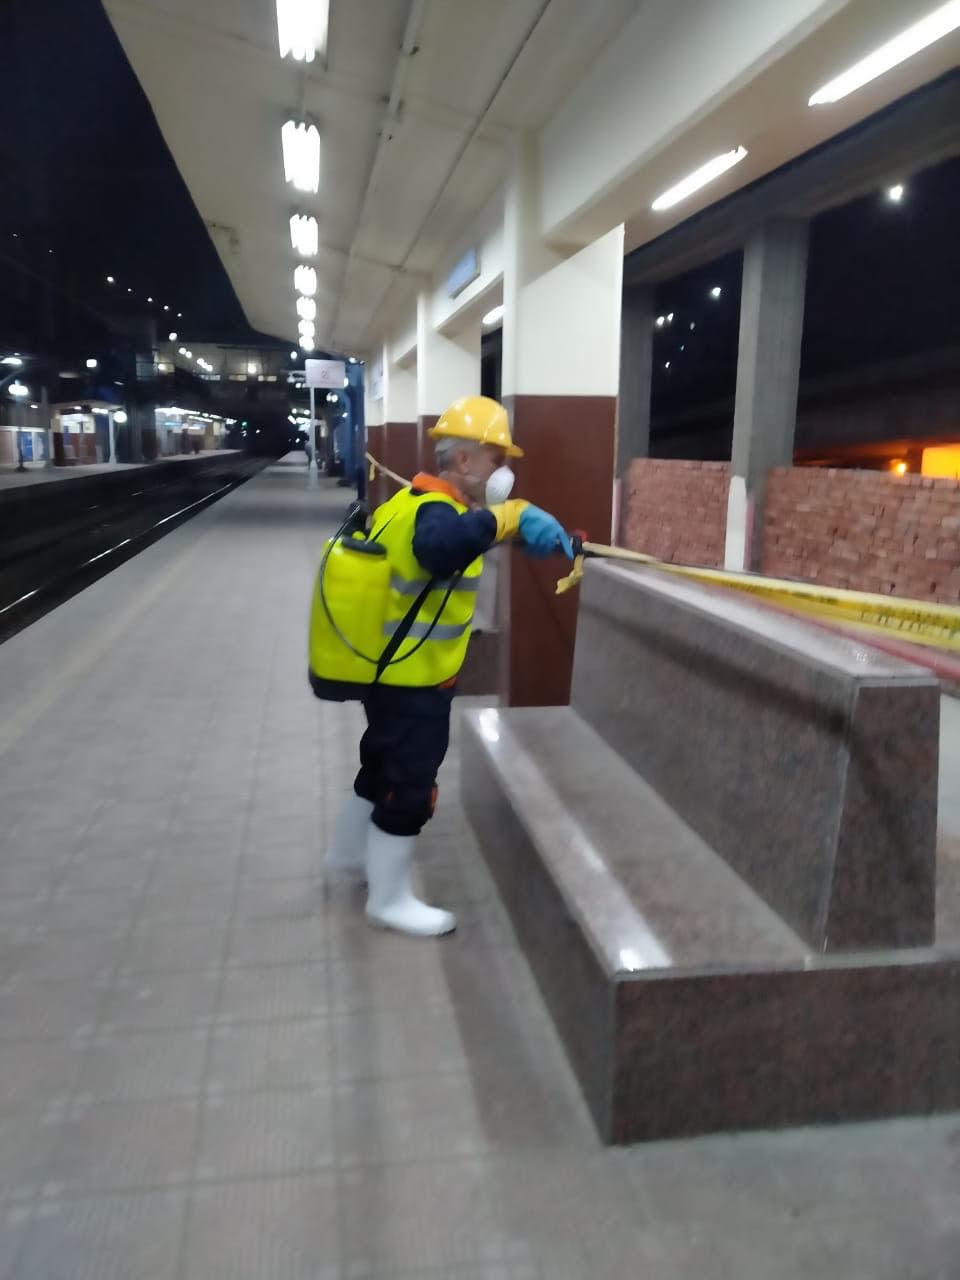 المترو يواصل أعمال تعقيم وتطهير القطارات والمحطات ضد كورونا (32)